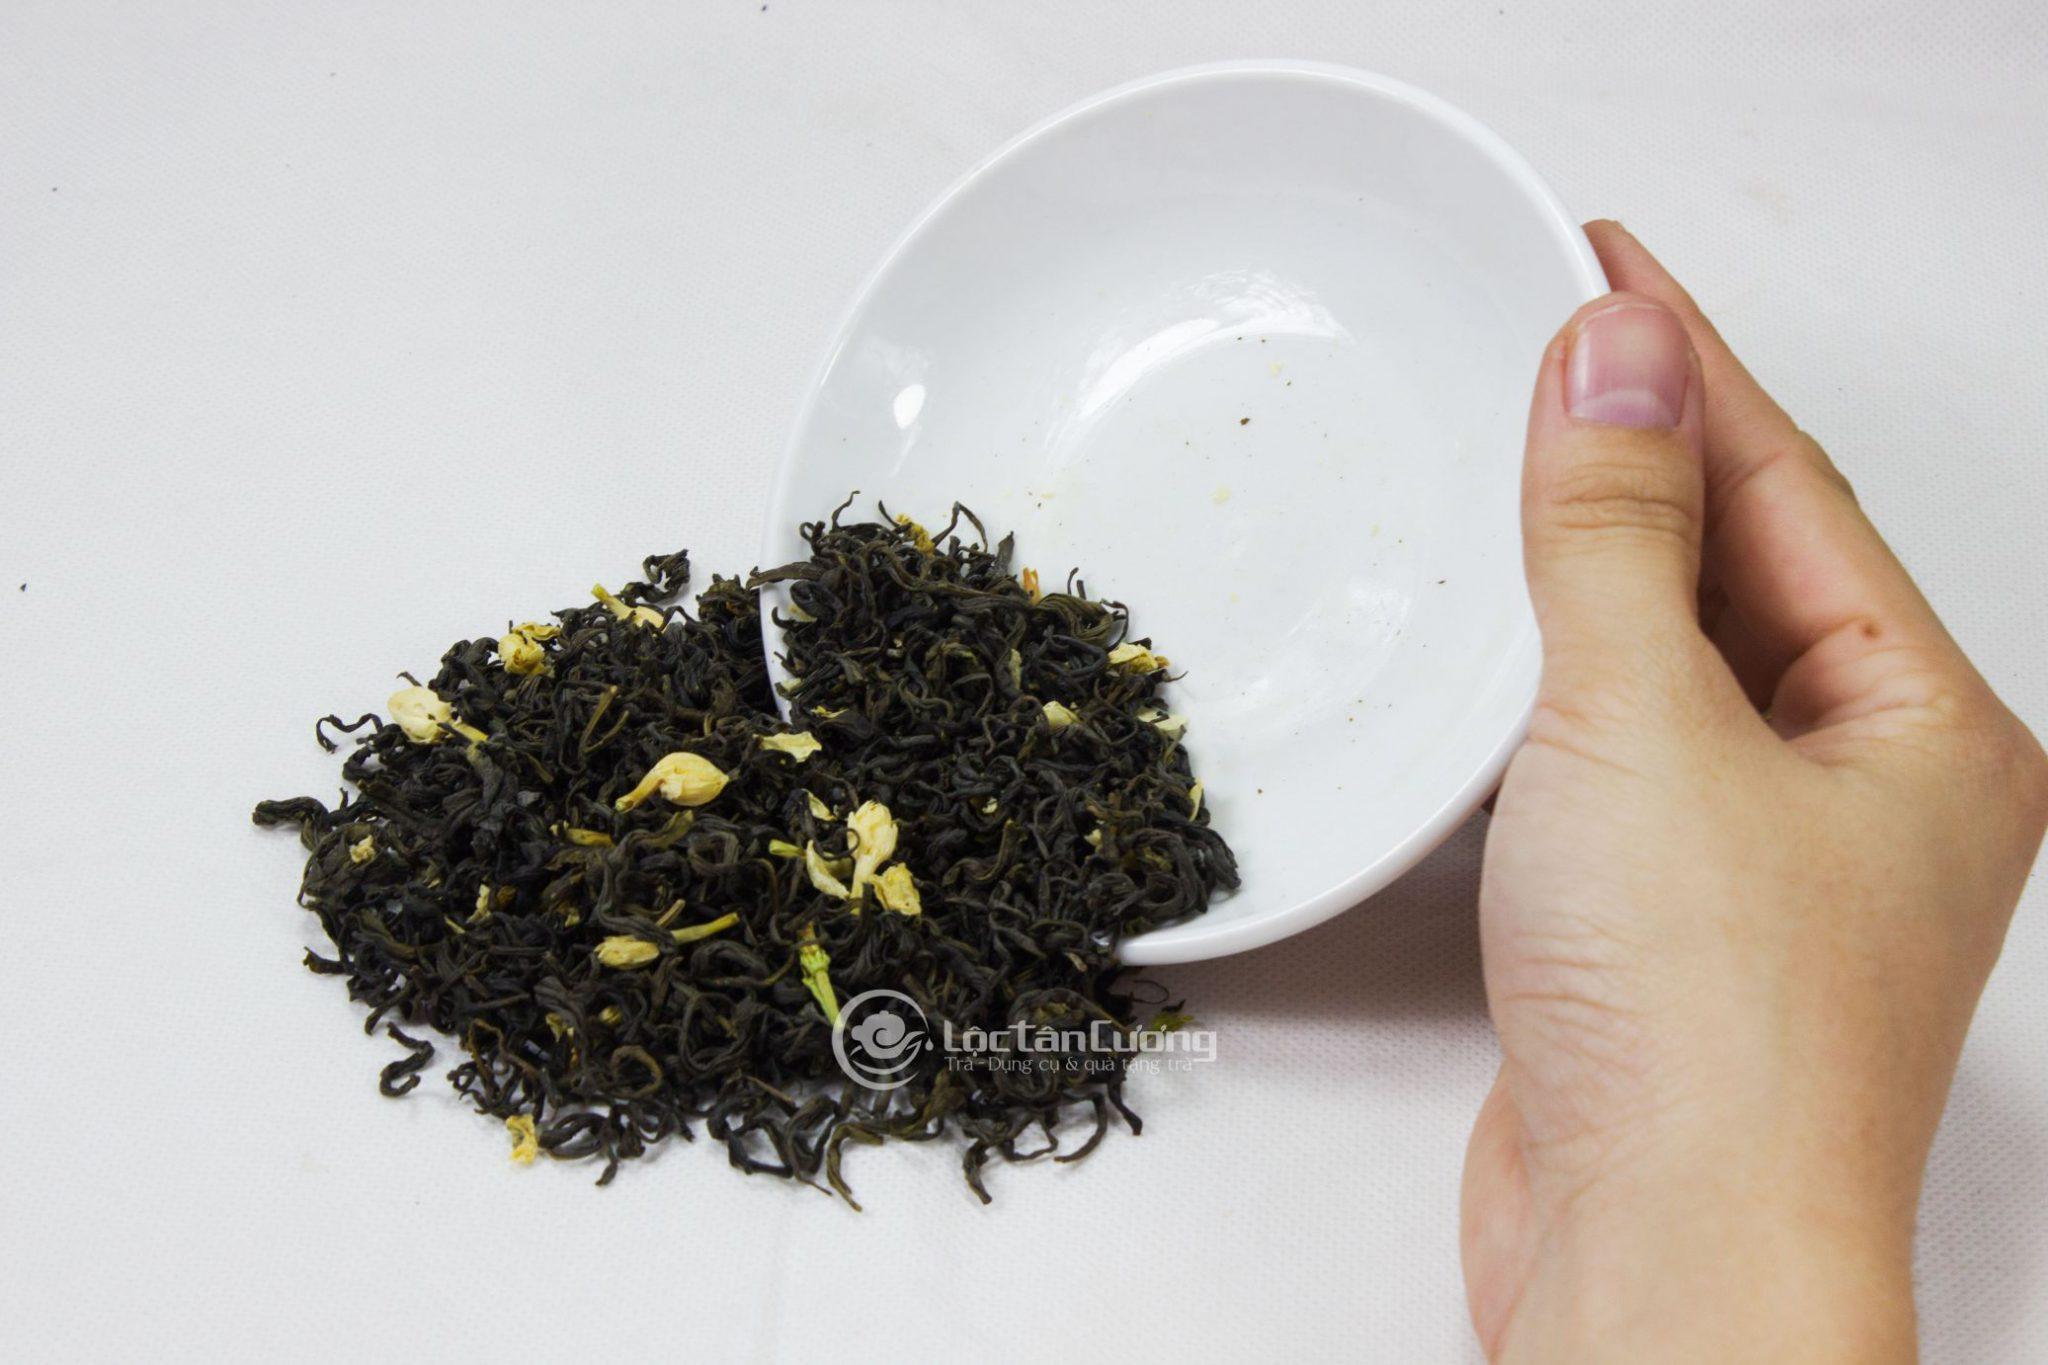 Các loại trà ướp hoa như trà hoa lài rất dễ bị mất hương nên các bạn phải bảo quản thật kĩ